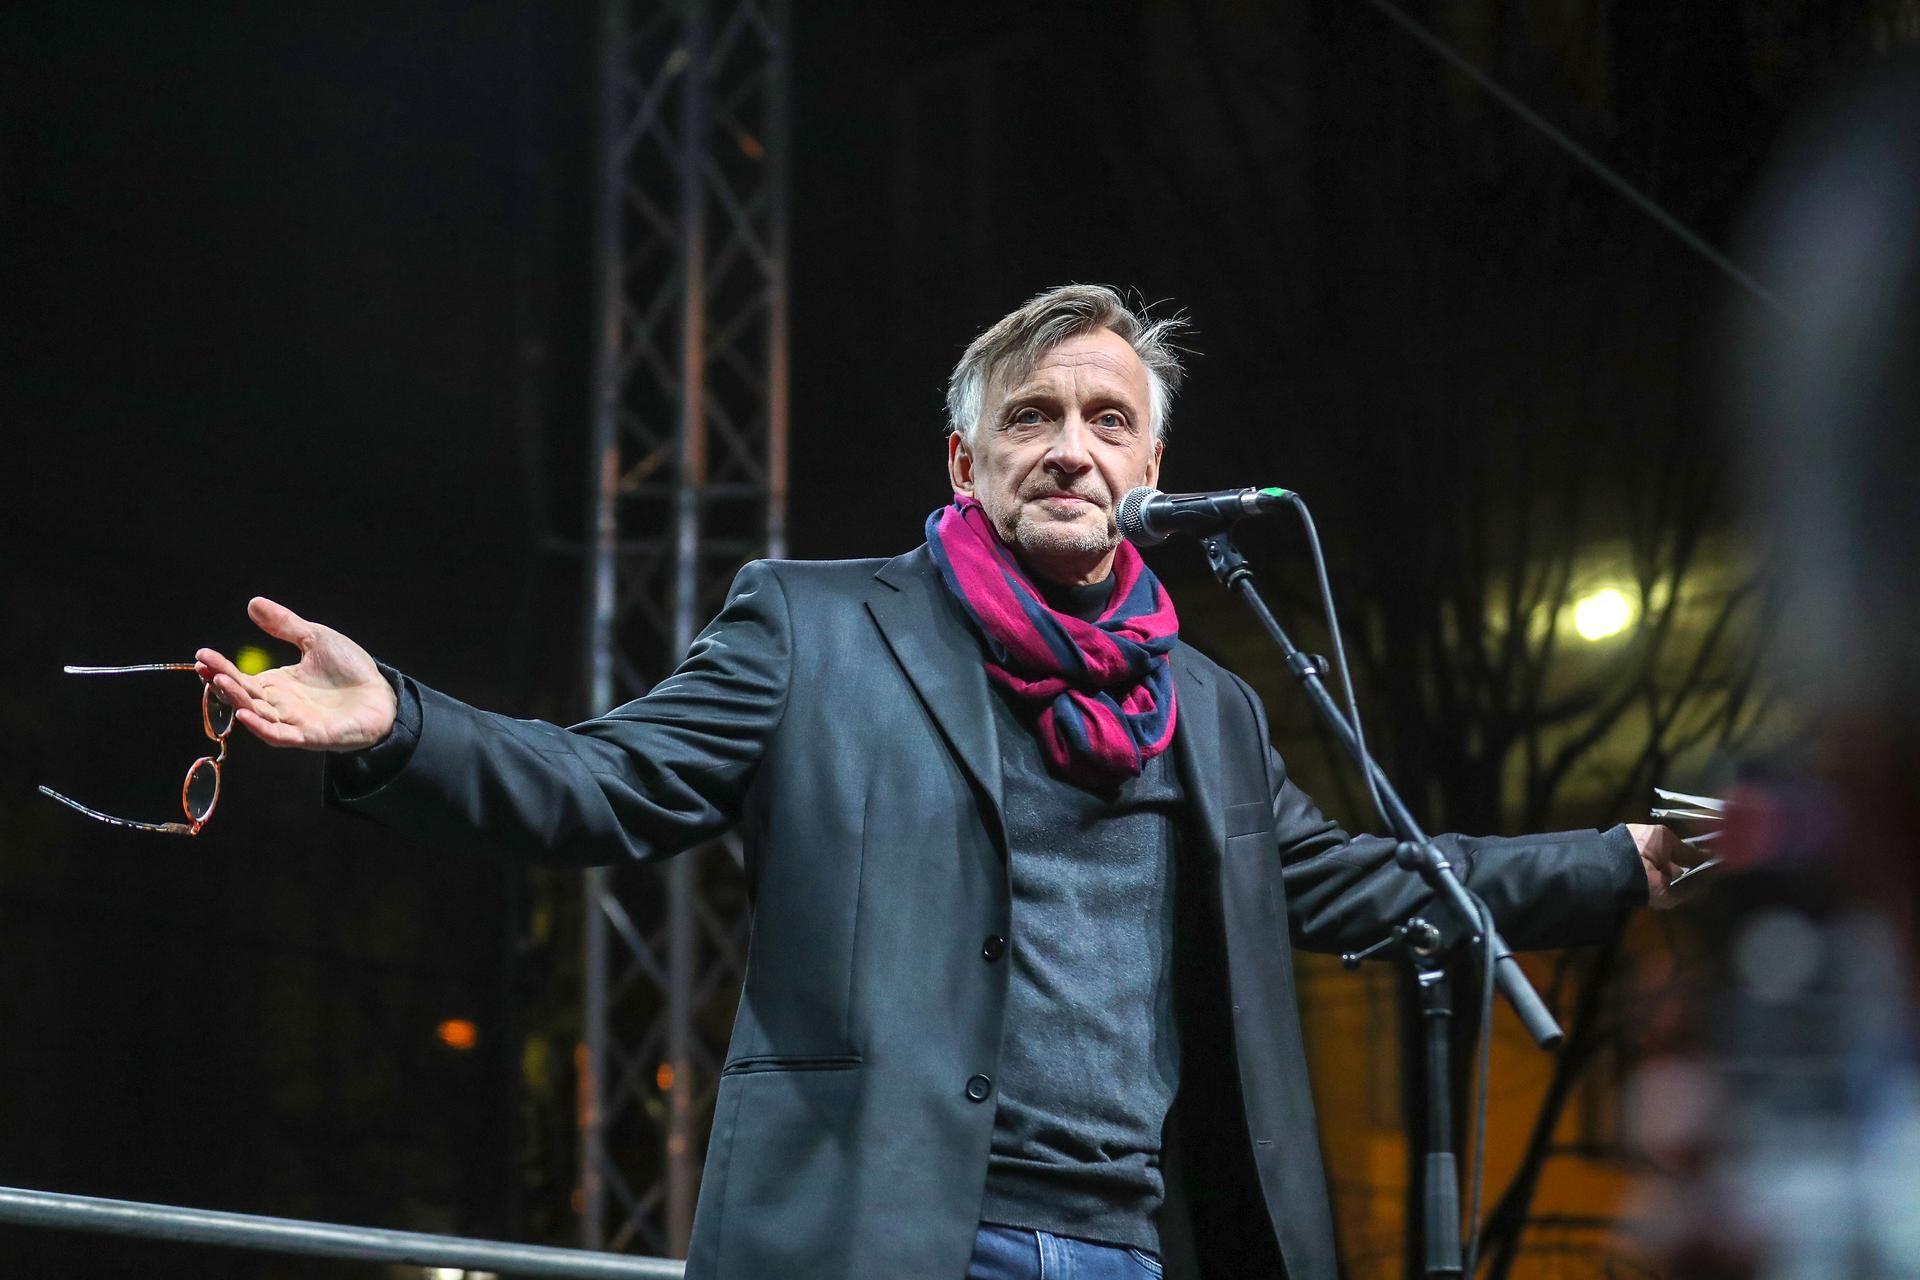 Mácsai Pál Tüntetés Nemzeti Kultúra Alap Színház Tüntetés